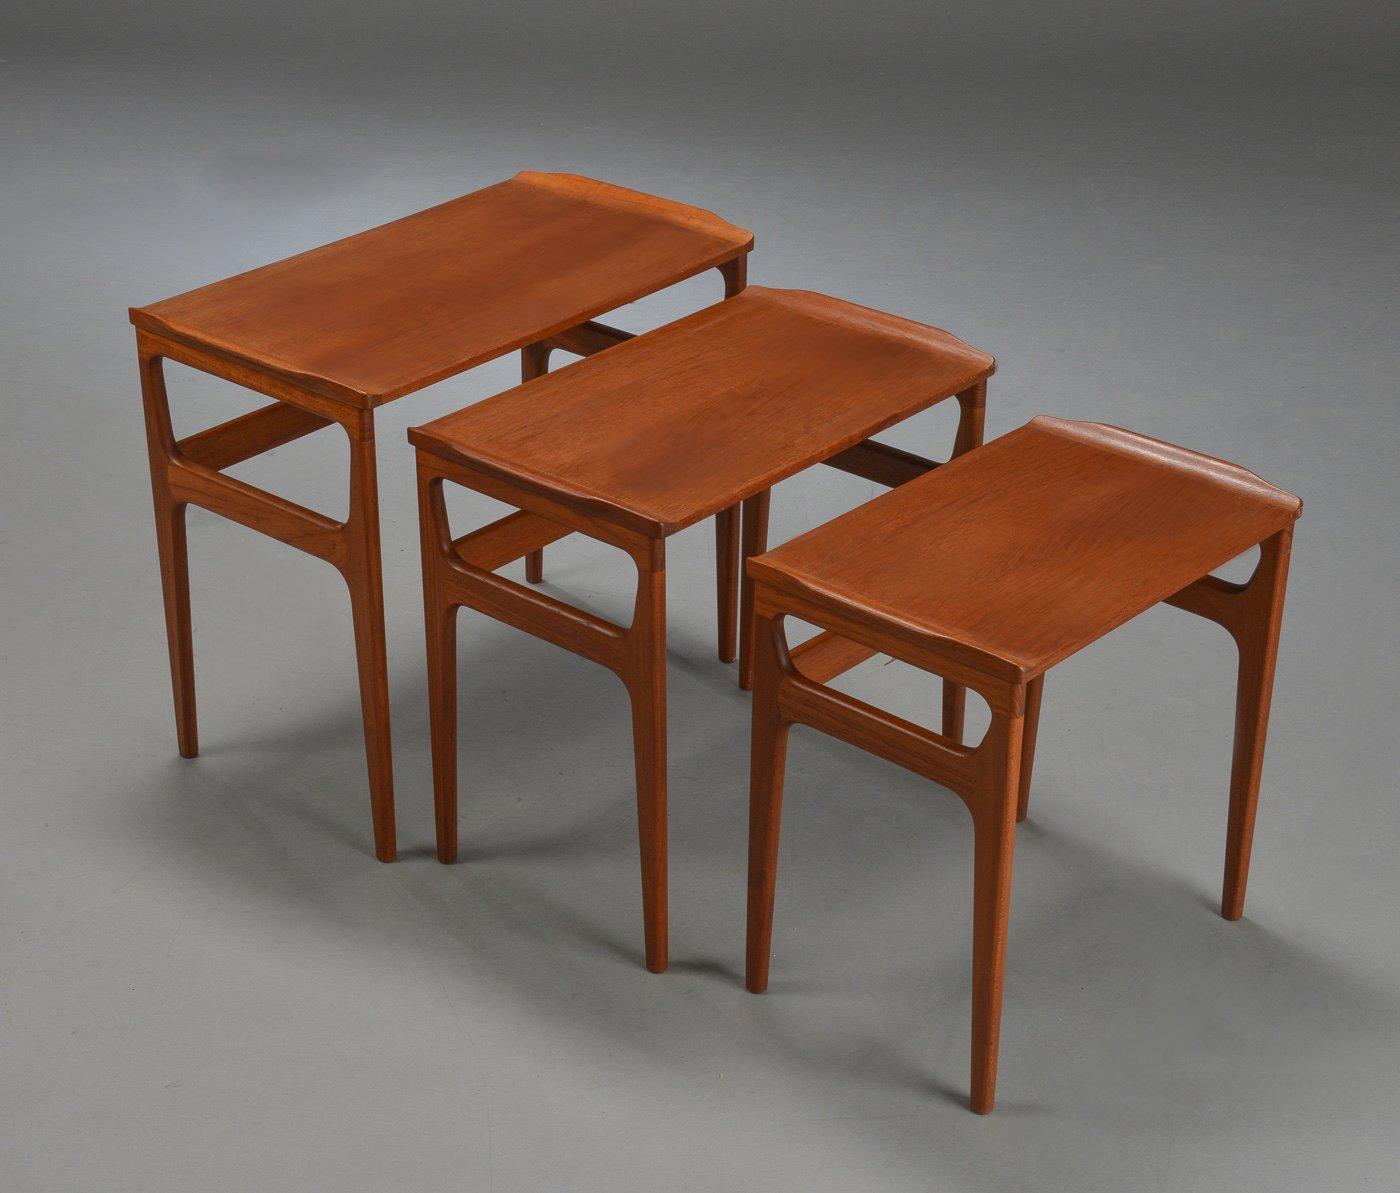 Danish Mid Century Teak Nesting Tables From Heltborg Møbler For Domus  Danica, 1960s